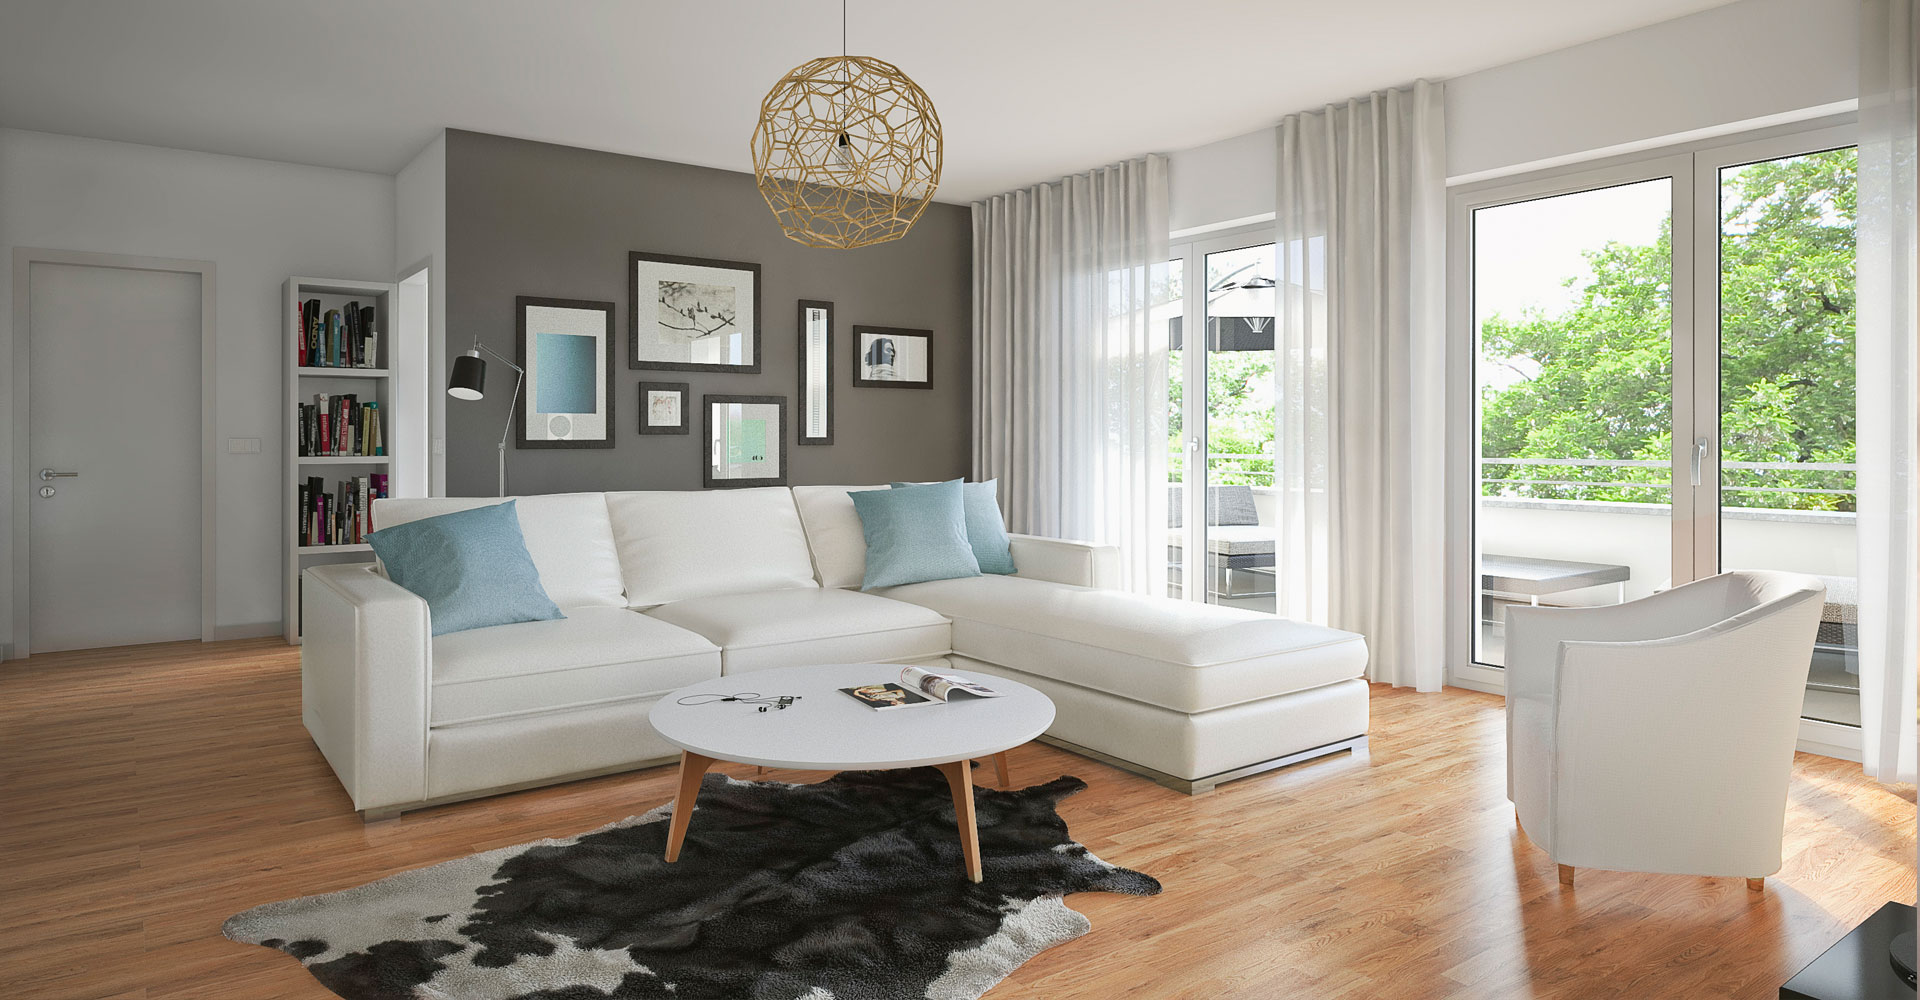 OPUS Marketing / Projekte / CO STBAR / Basics / Visualisierungen / Innen / Wohnzimmer